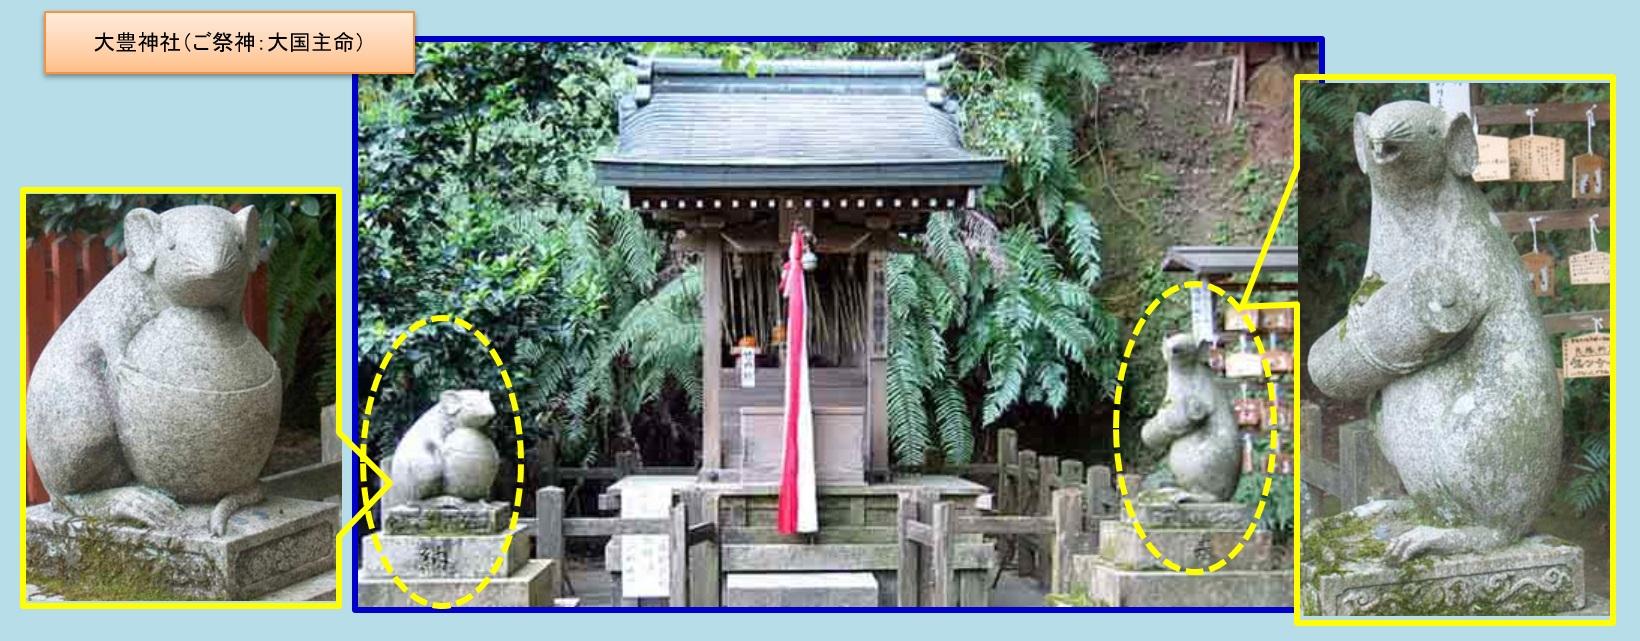 京都の大豊(おおとよ)神社